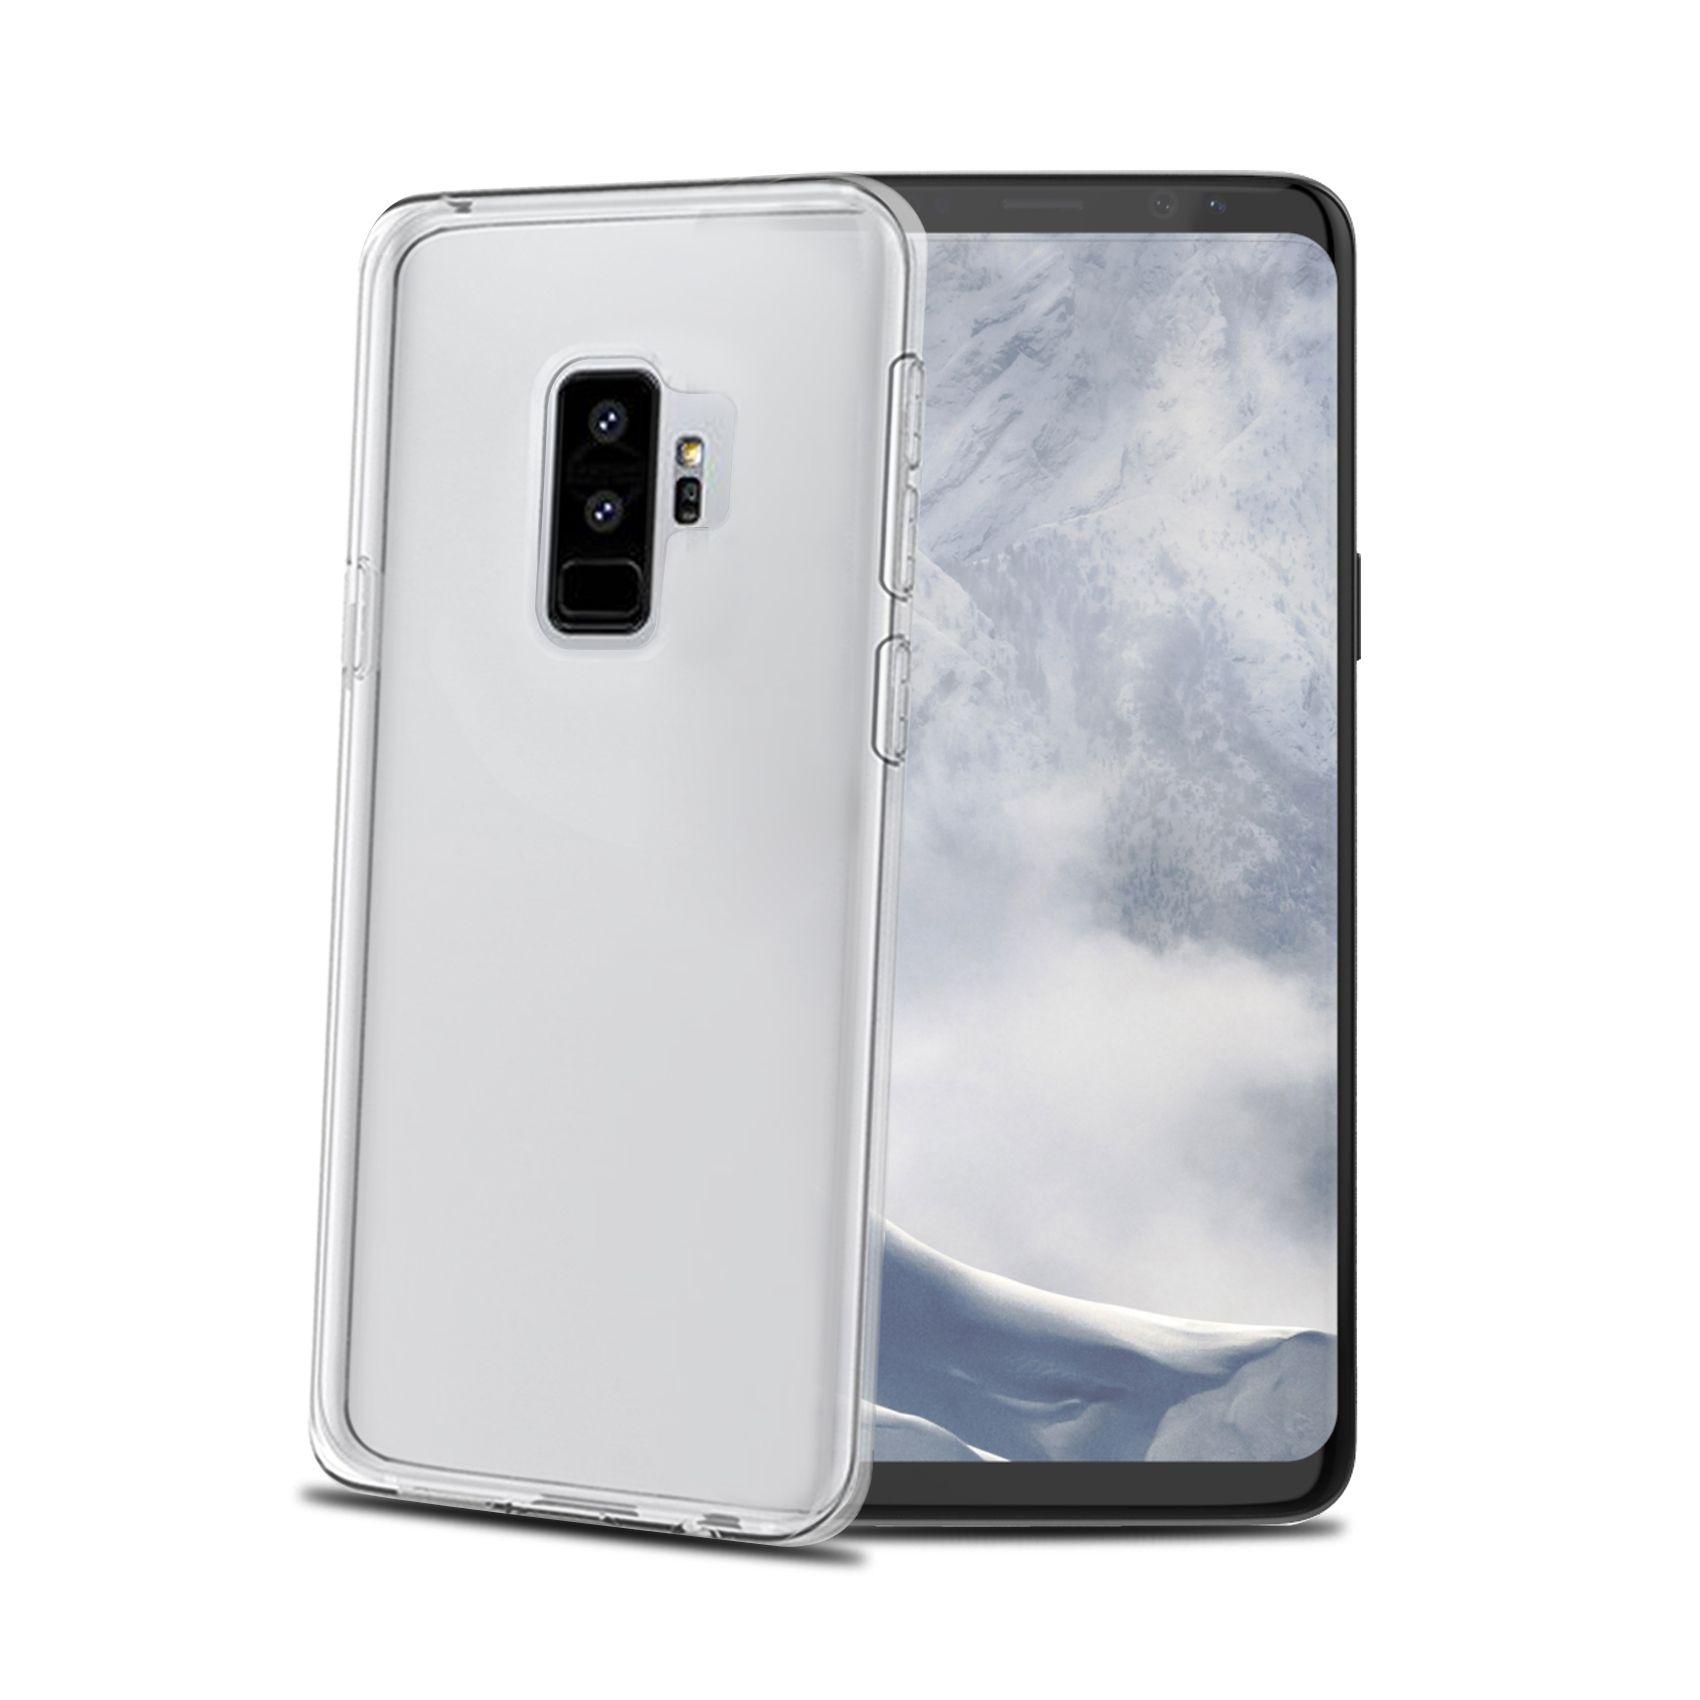 TPU pouzdro CELLY Gelskin pro Samsung Galaxy S9 Plus, bezbarvé